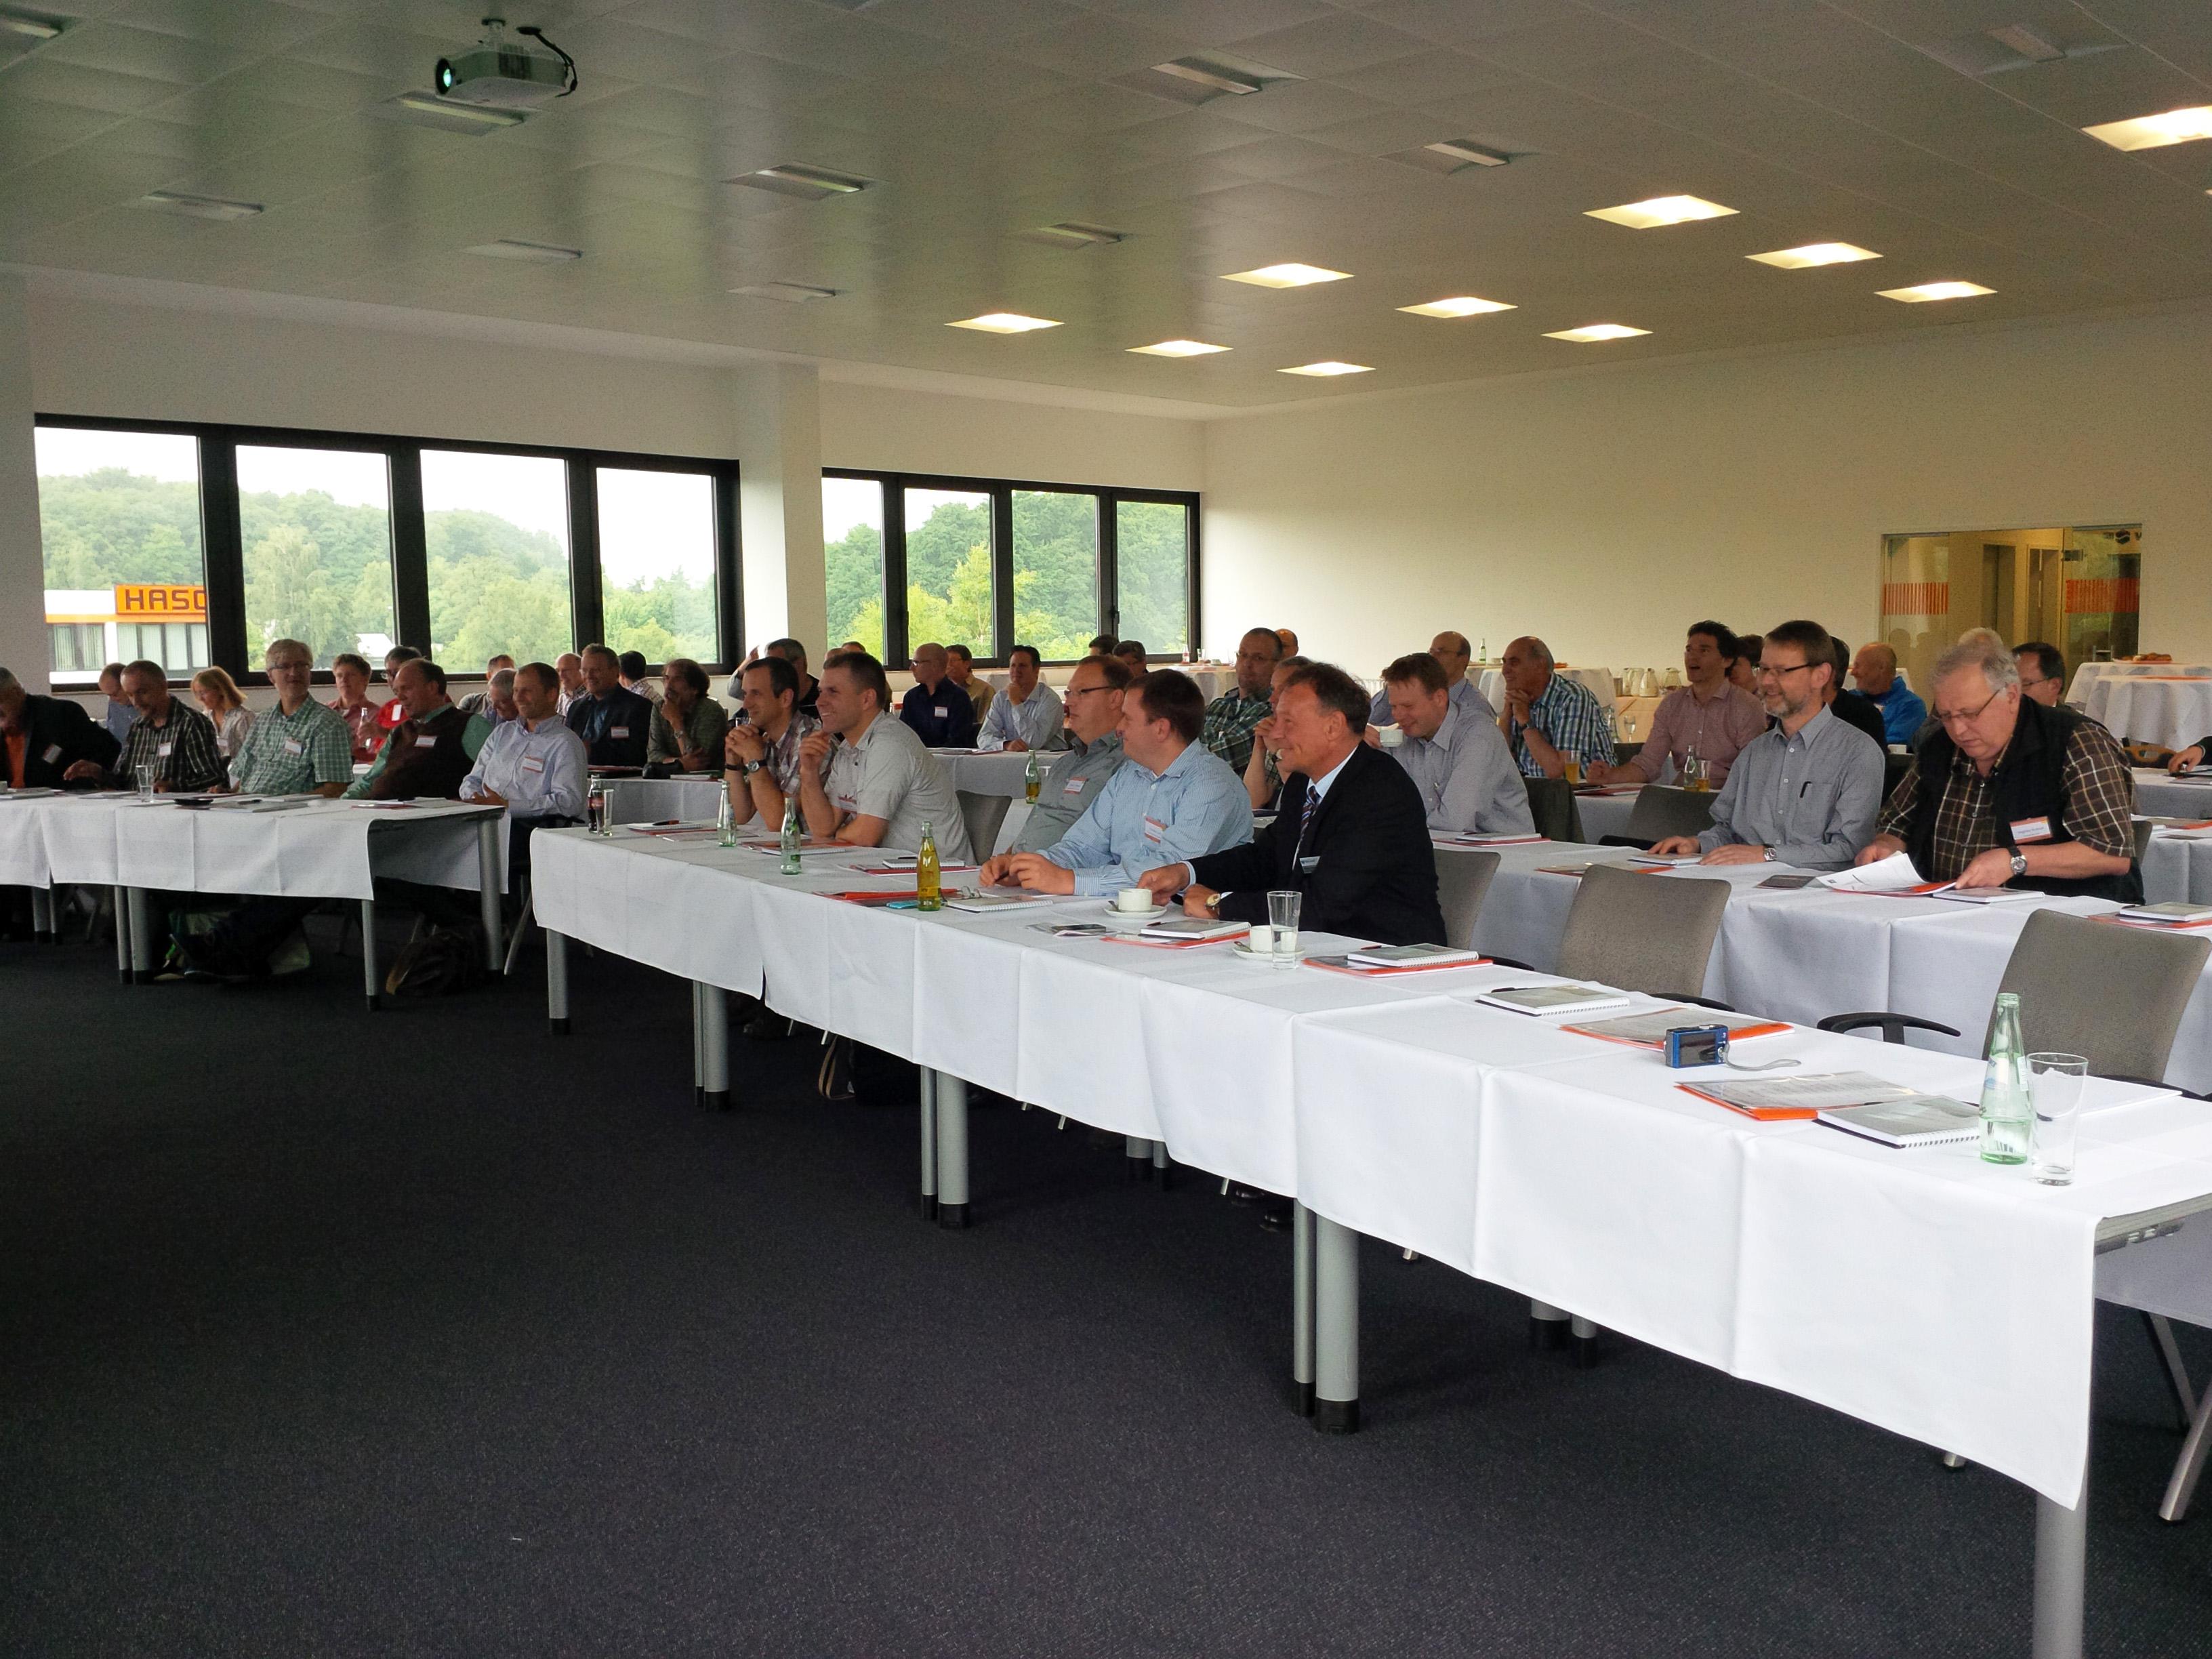 HASCO Teacher Workshops in 2014 too